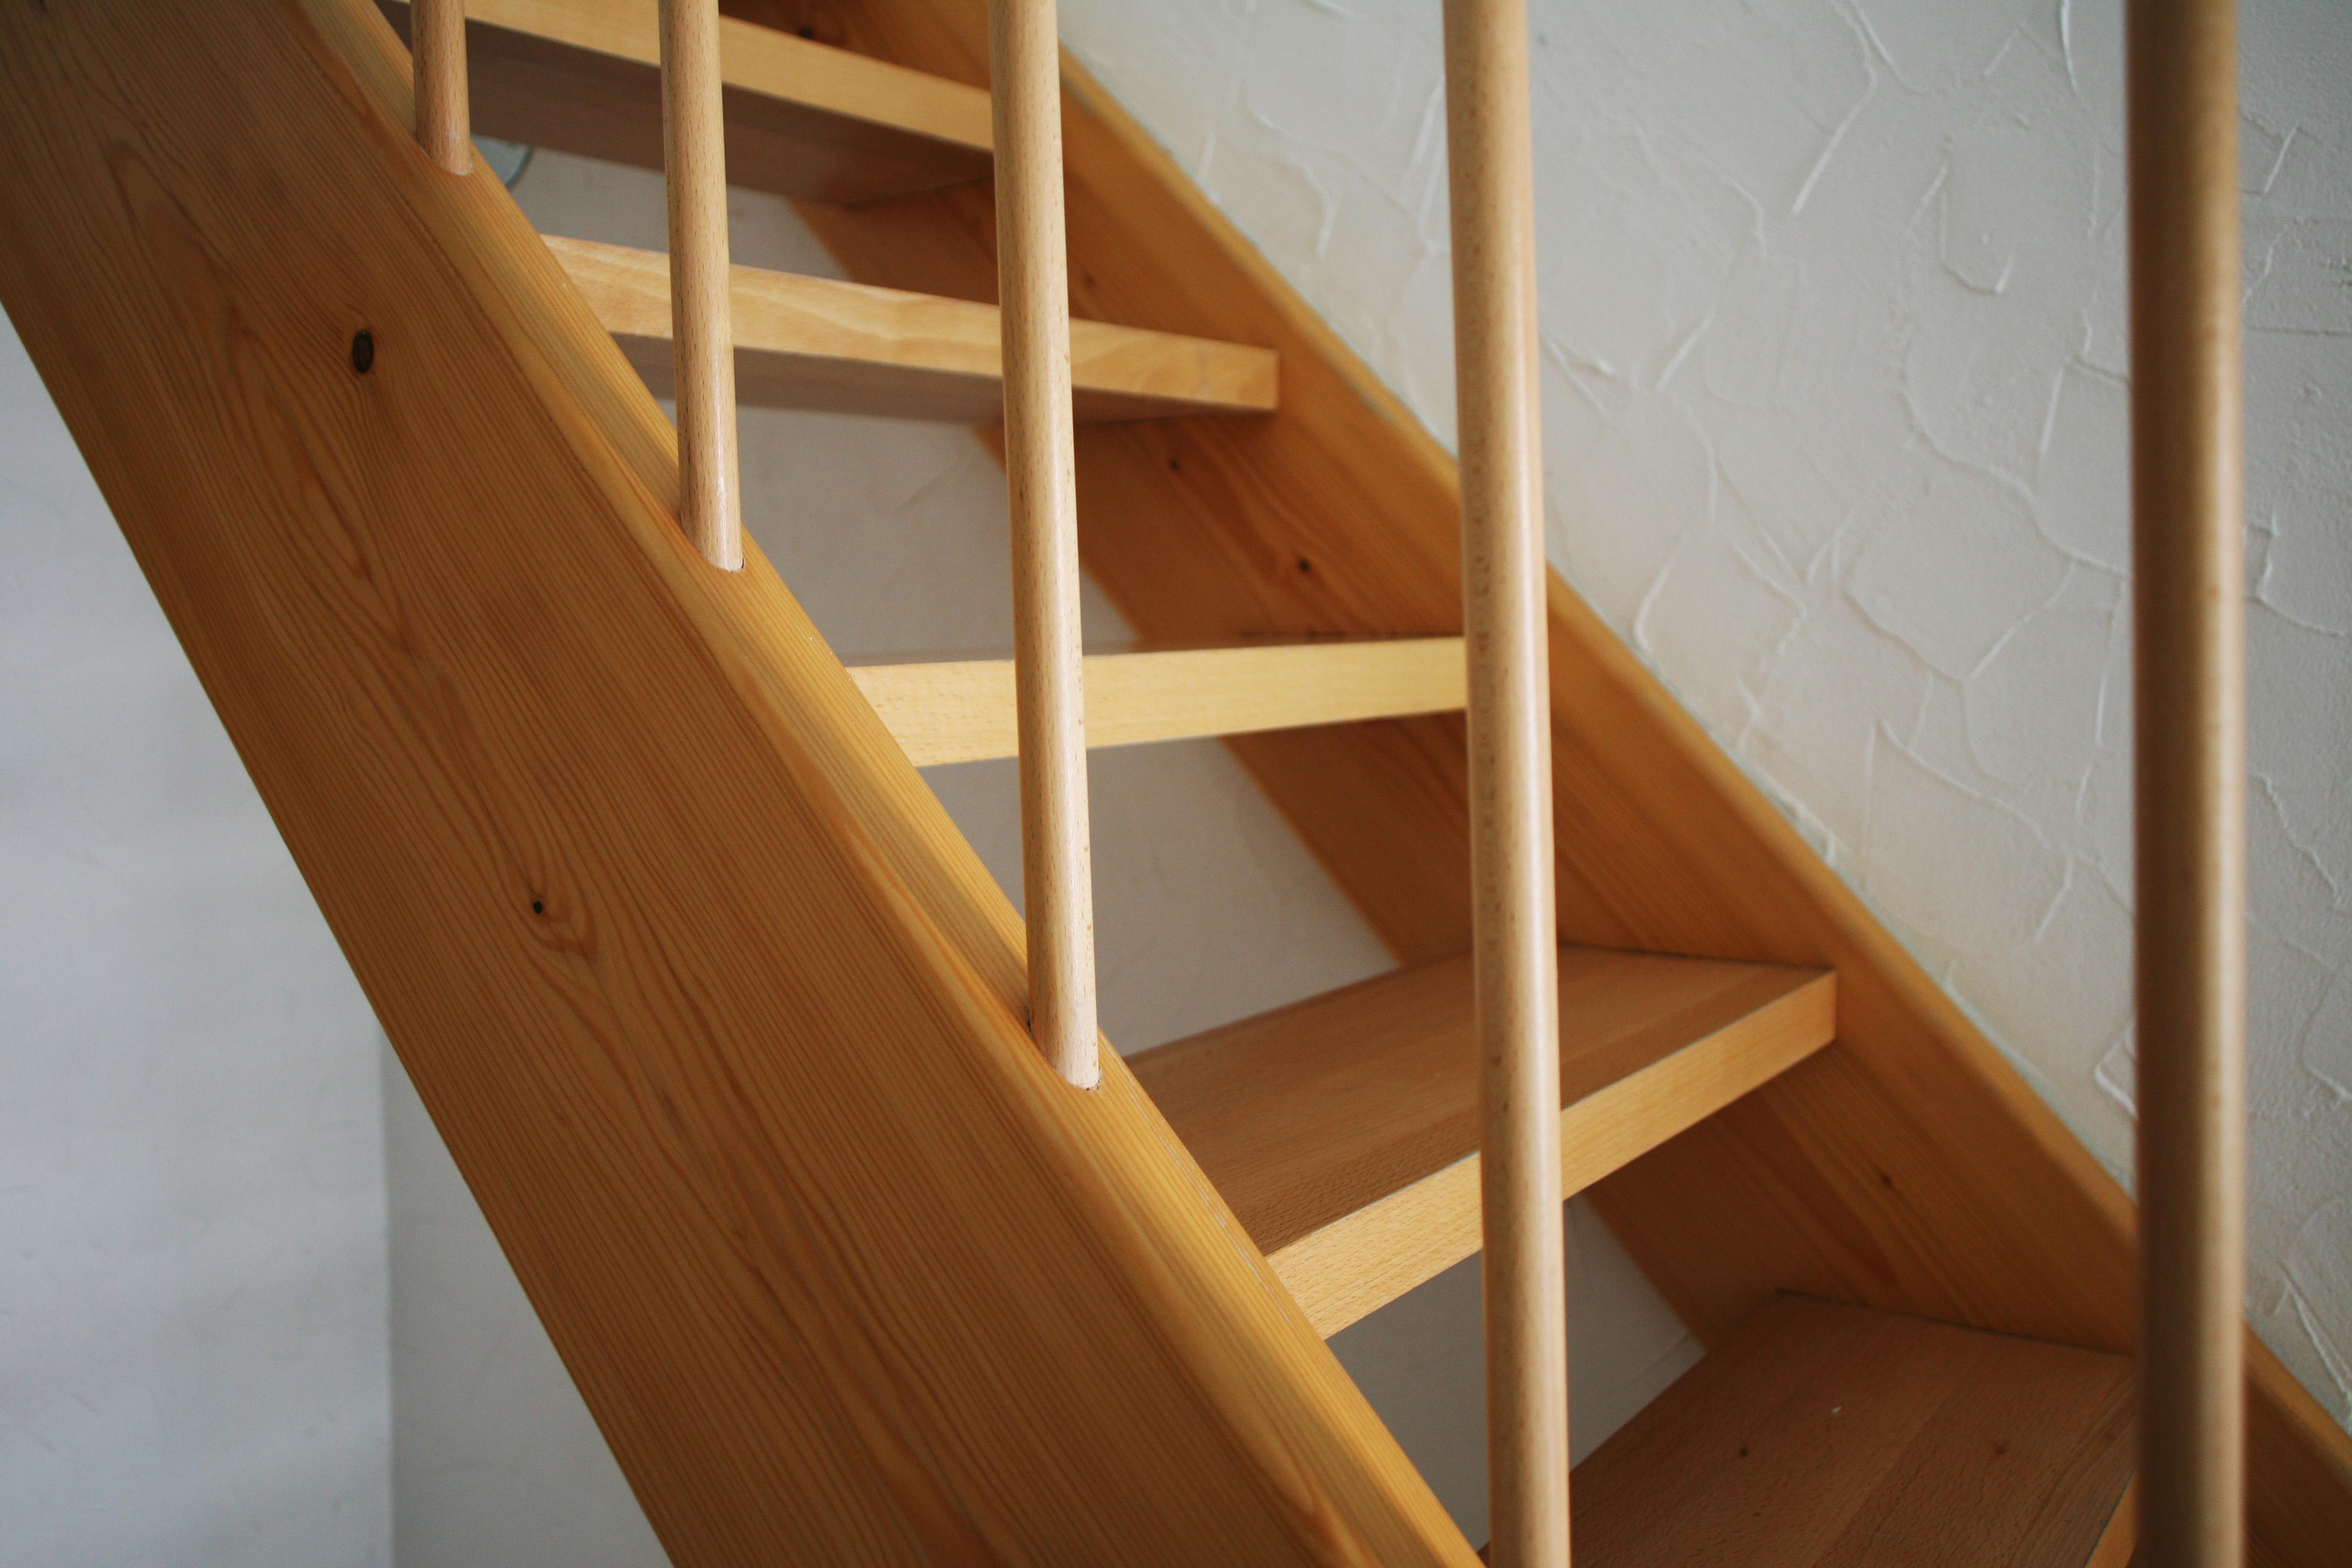 Gefahren entfernen: Kindersicherung für Treppen